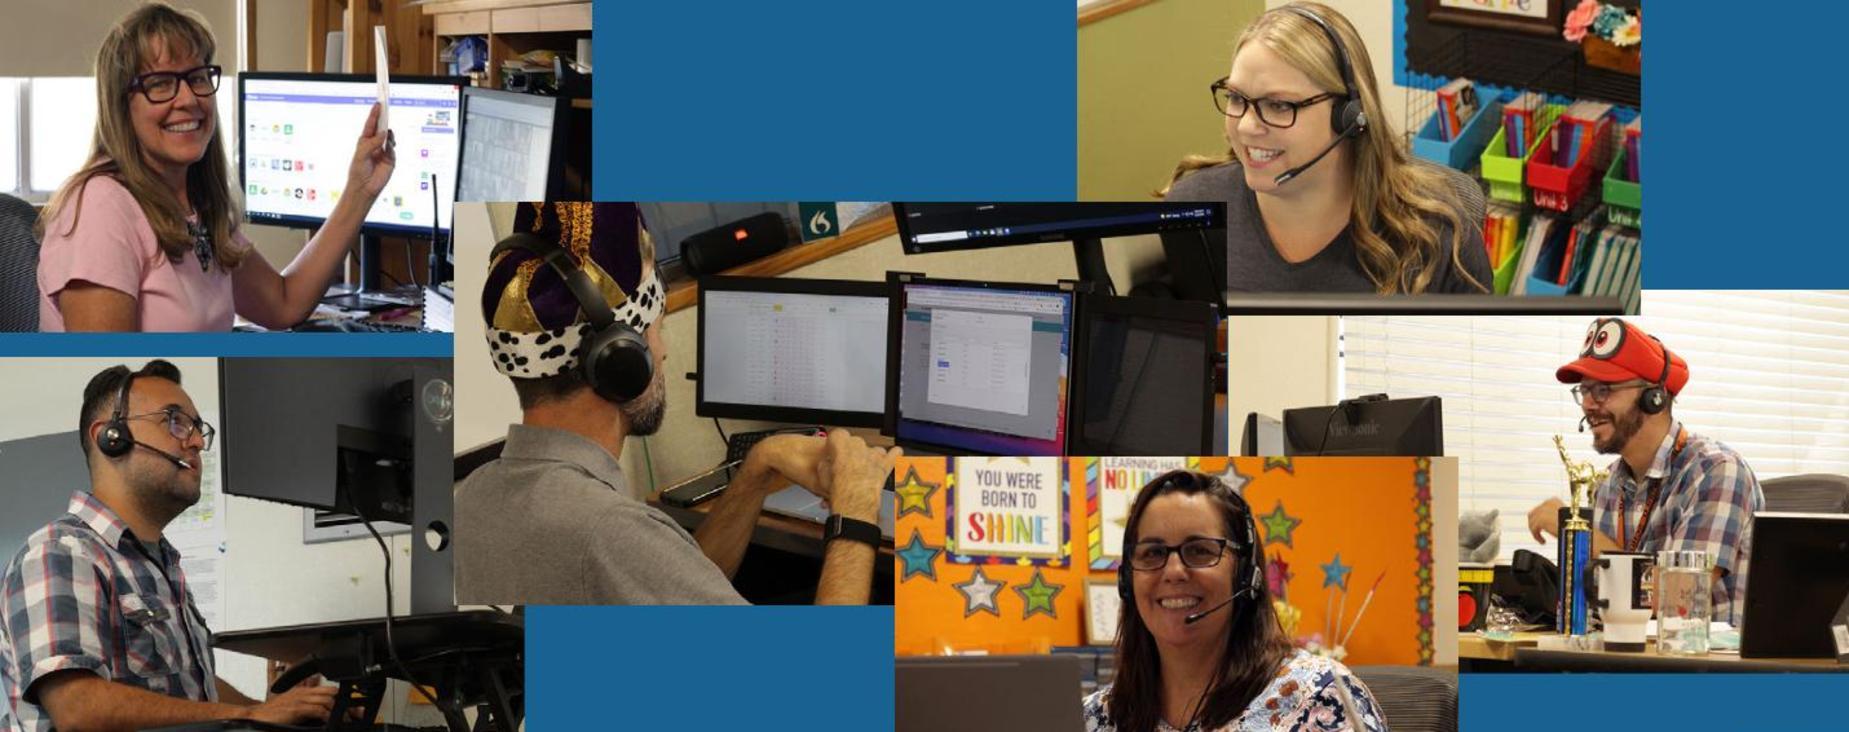 SJTech teachers at their computers